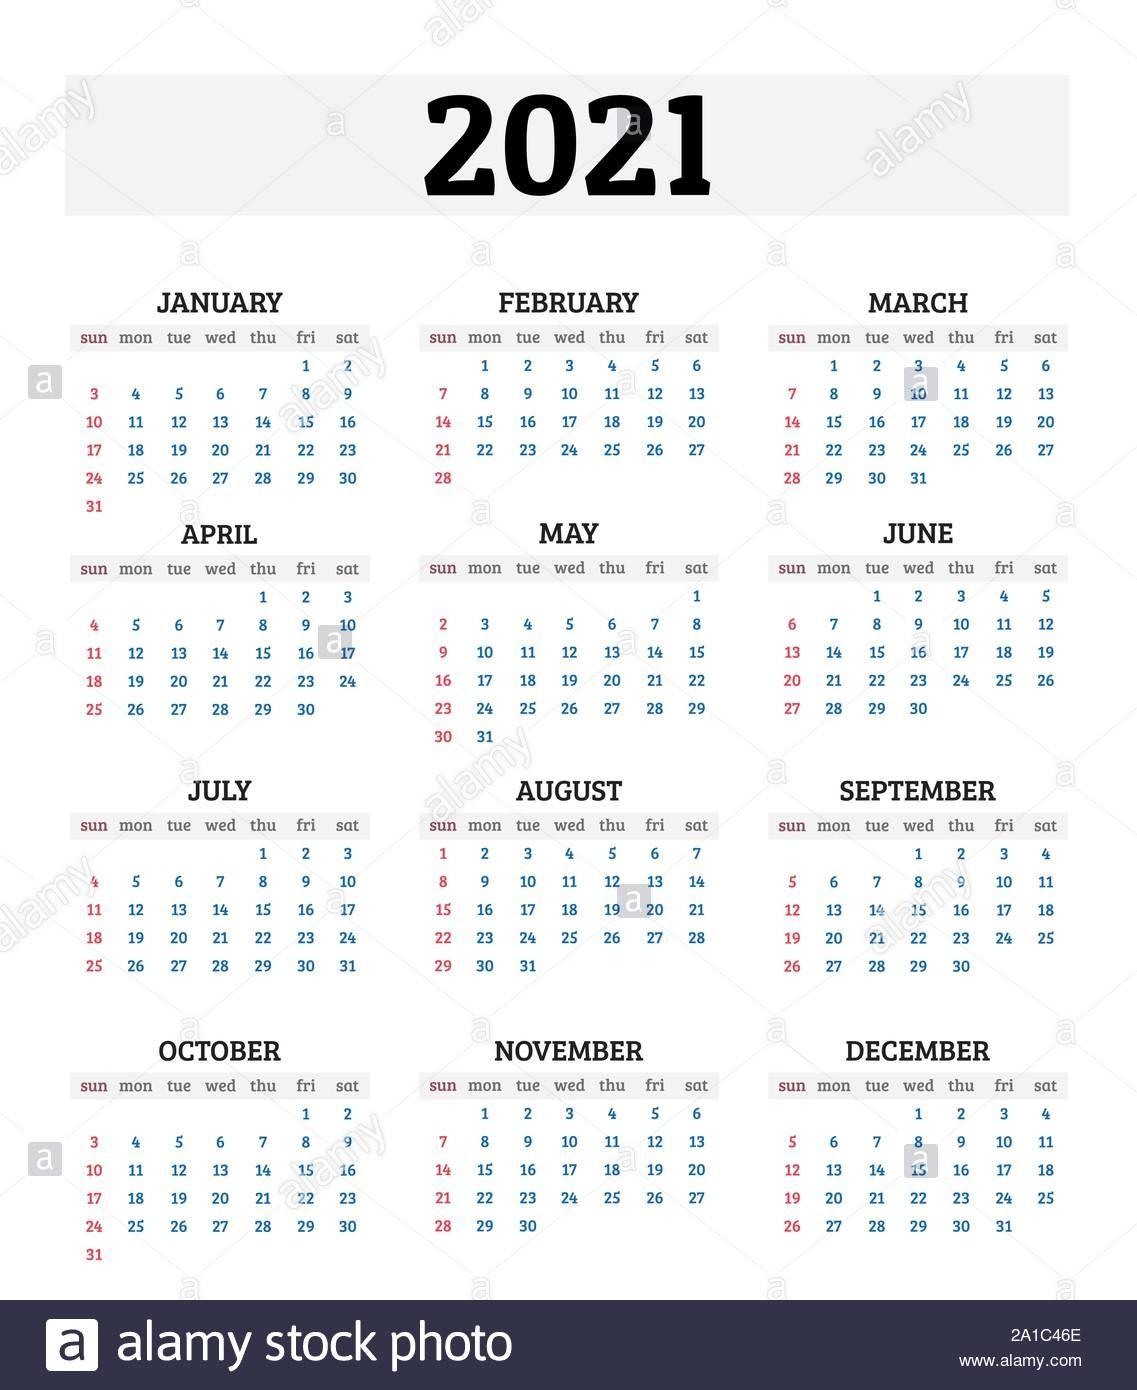 2021 calendario anual ilustracion vectorial image